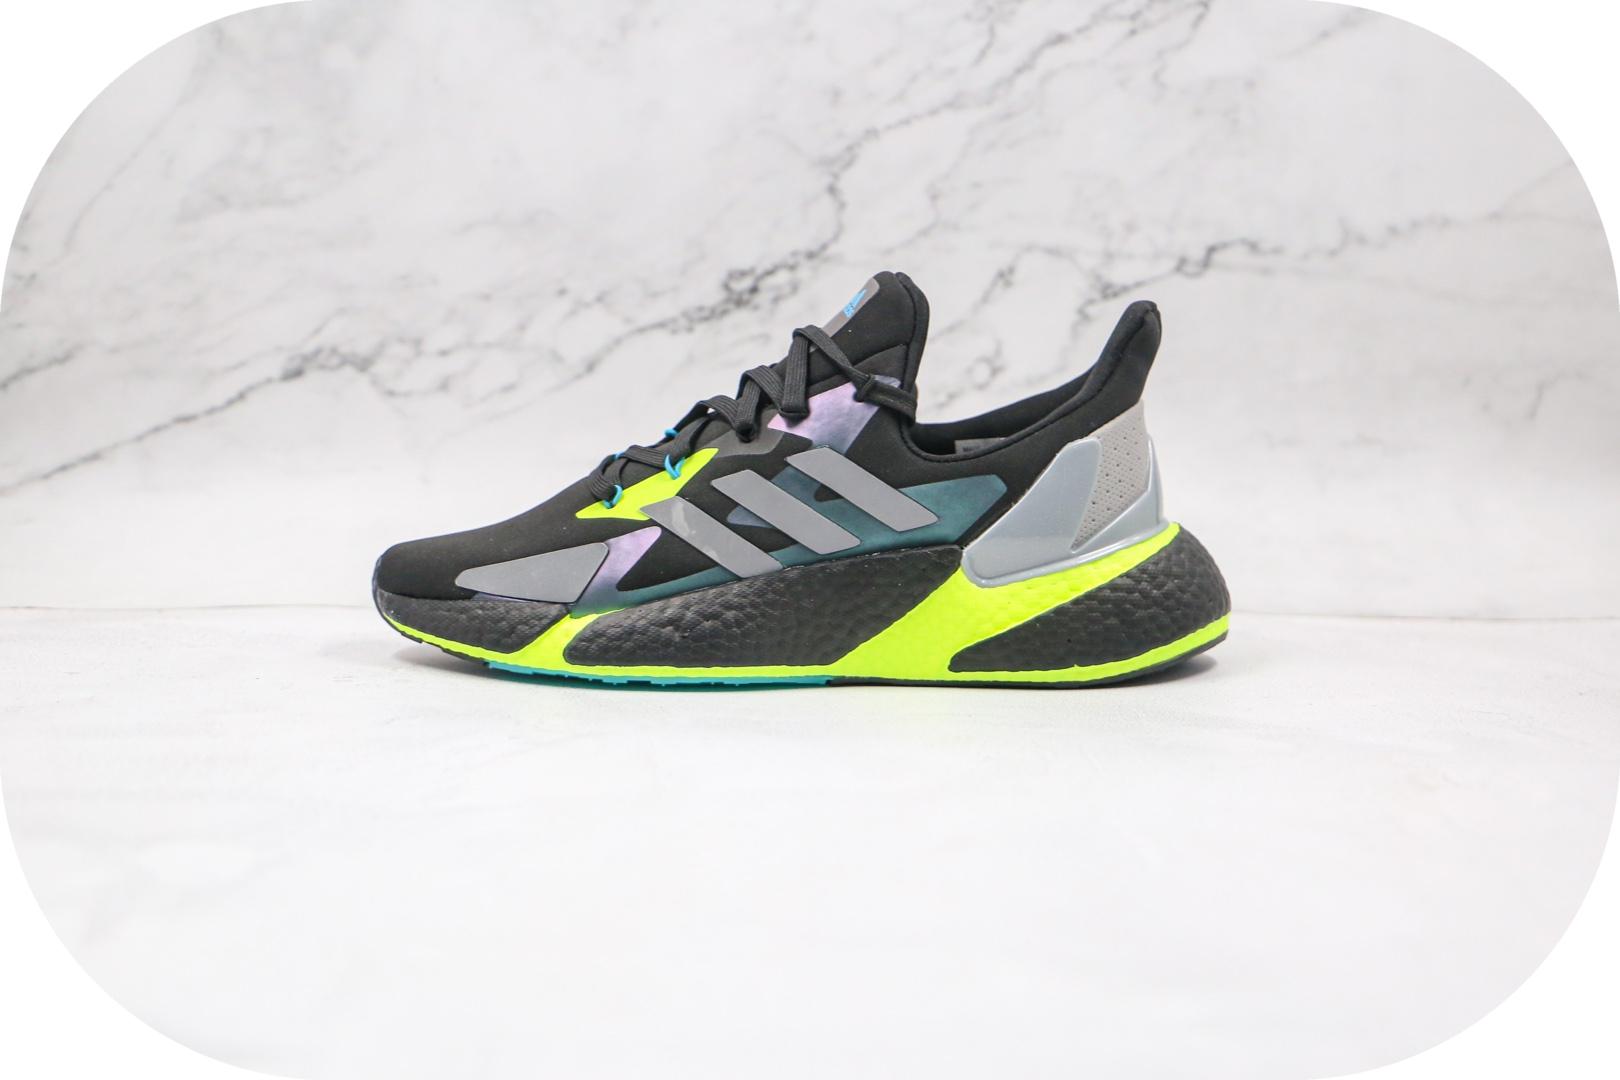 阿迪达斯Adidas X9000L4 Boost纯原版本爆米花X9000LF灰白绿跑鞋原盒原标 货号:FW8385封面